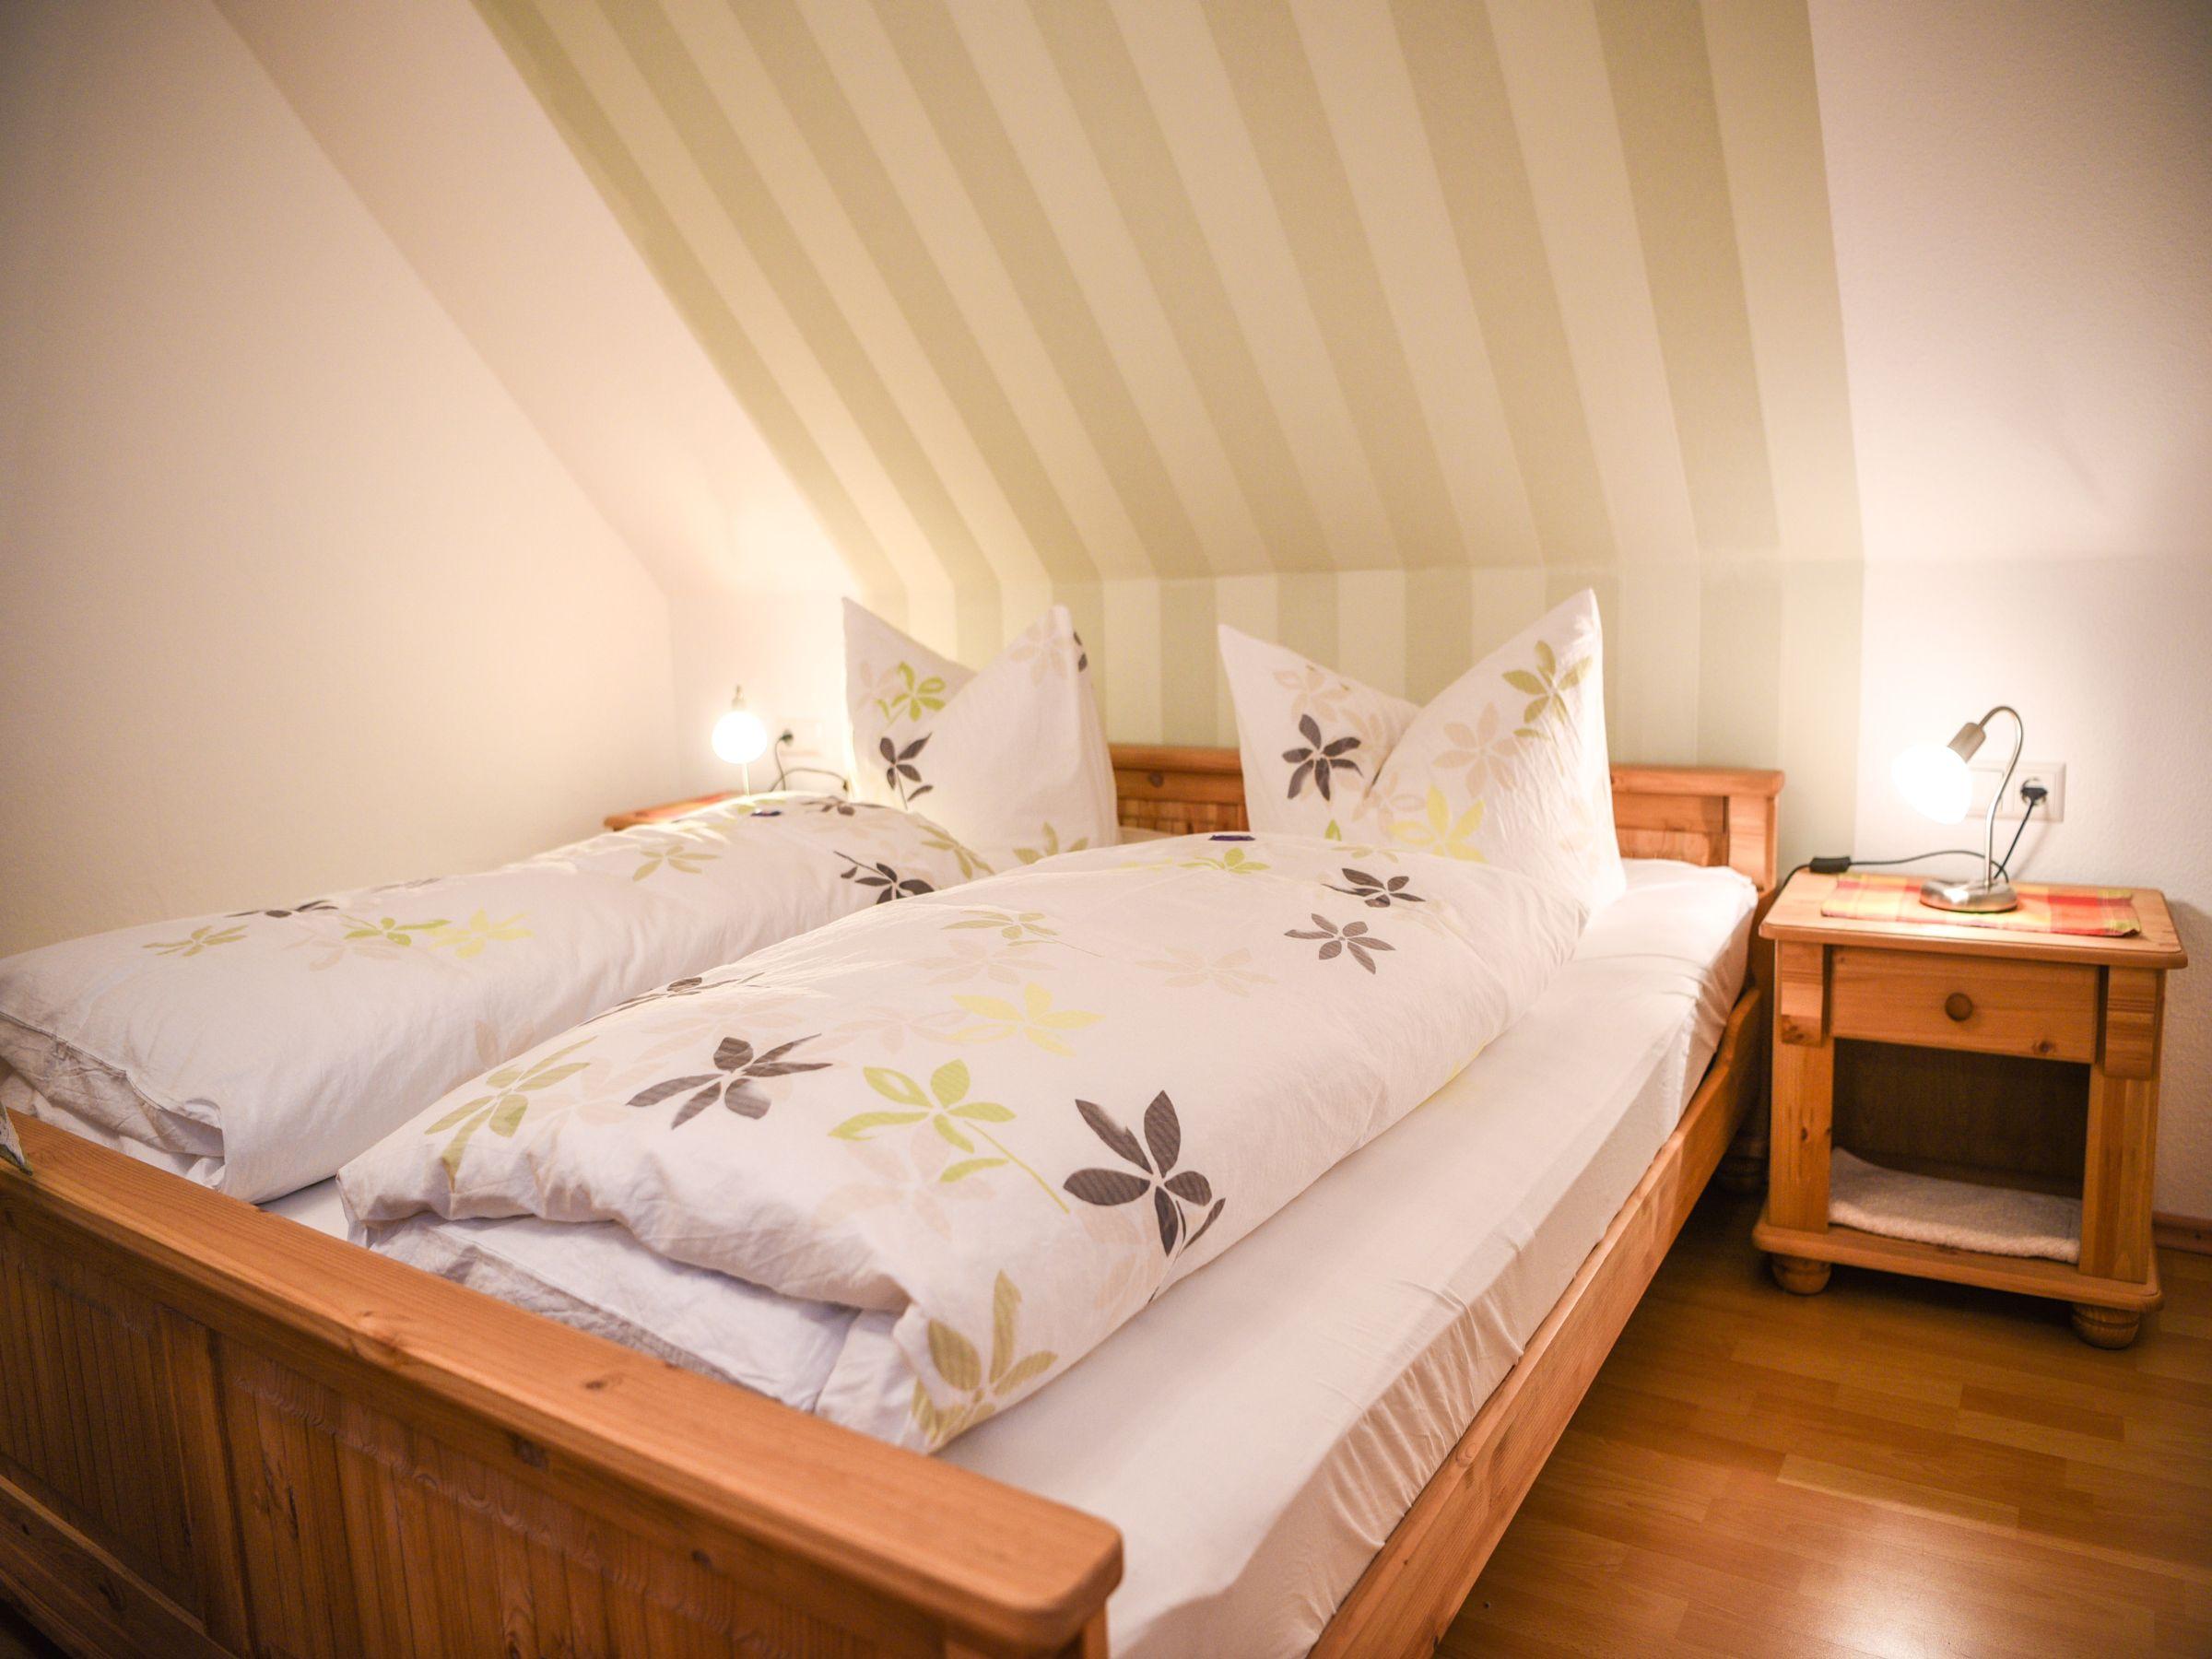 14 Qm Schlafzimmer Einrichten Bettwsche Rentier Wie Oft